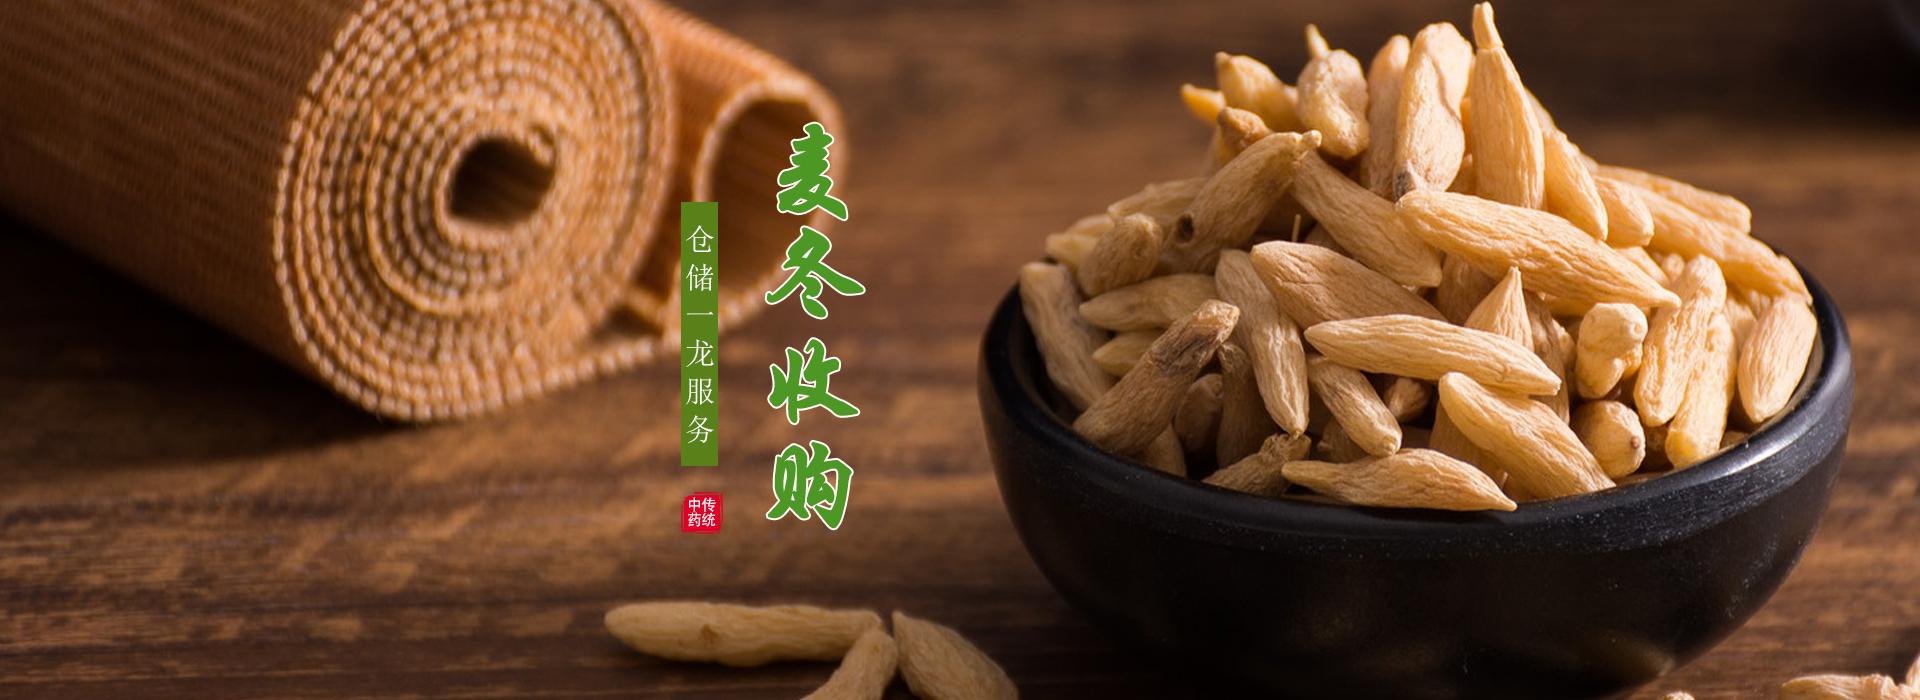 三臺生川麥冬和炒川麥冬的區別